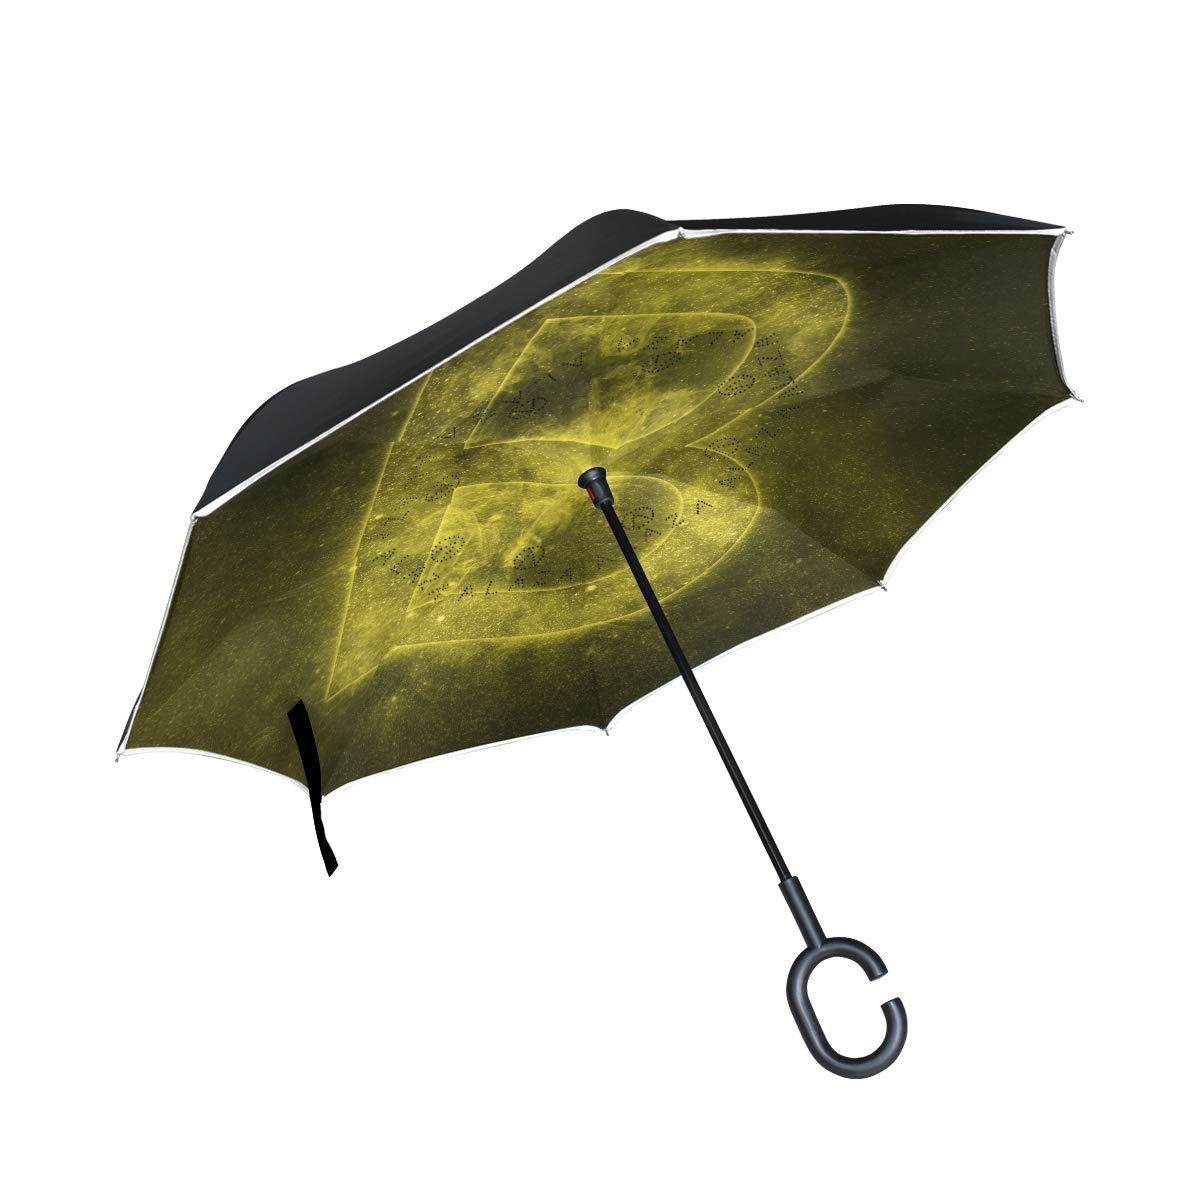 逆さ傘 2層 逆さ傘 文字B 防風 車 雨 アウトドア C型ハンドル   B07GDLHXHZ